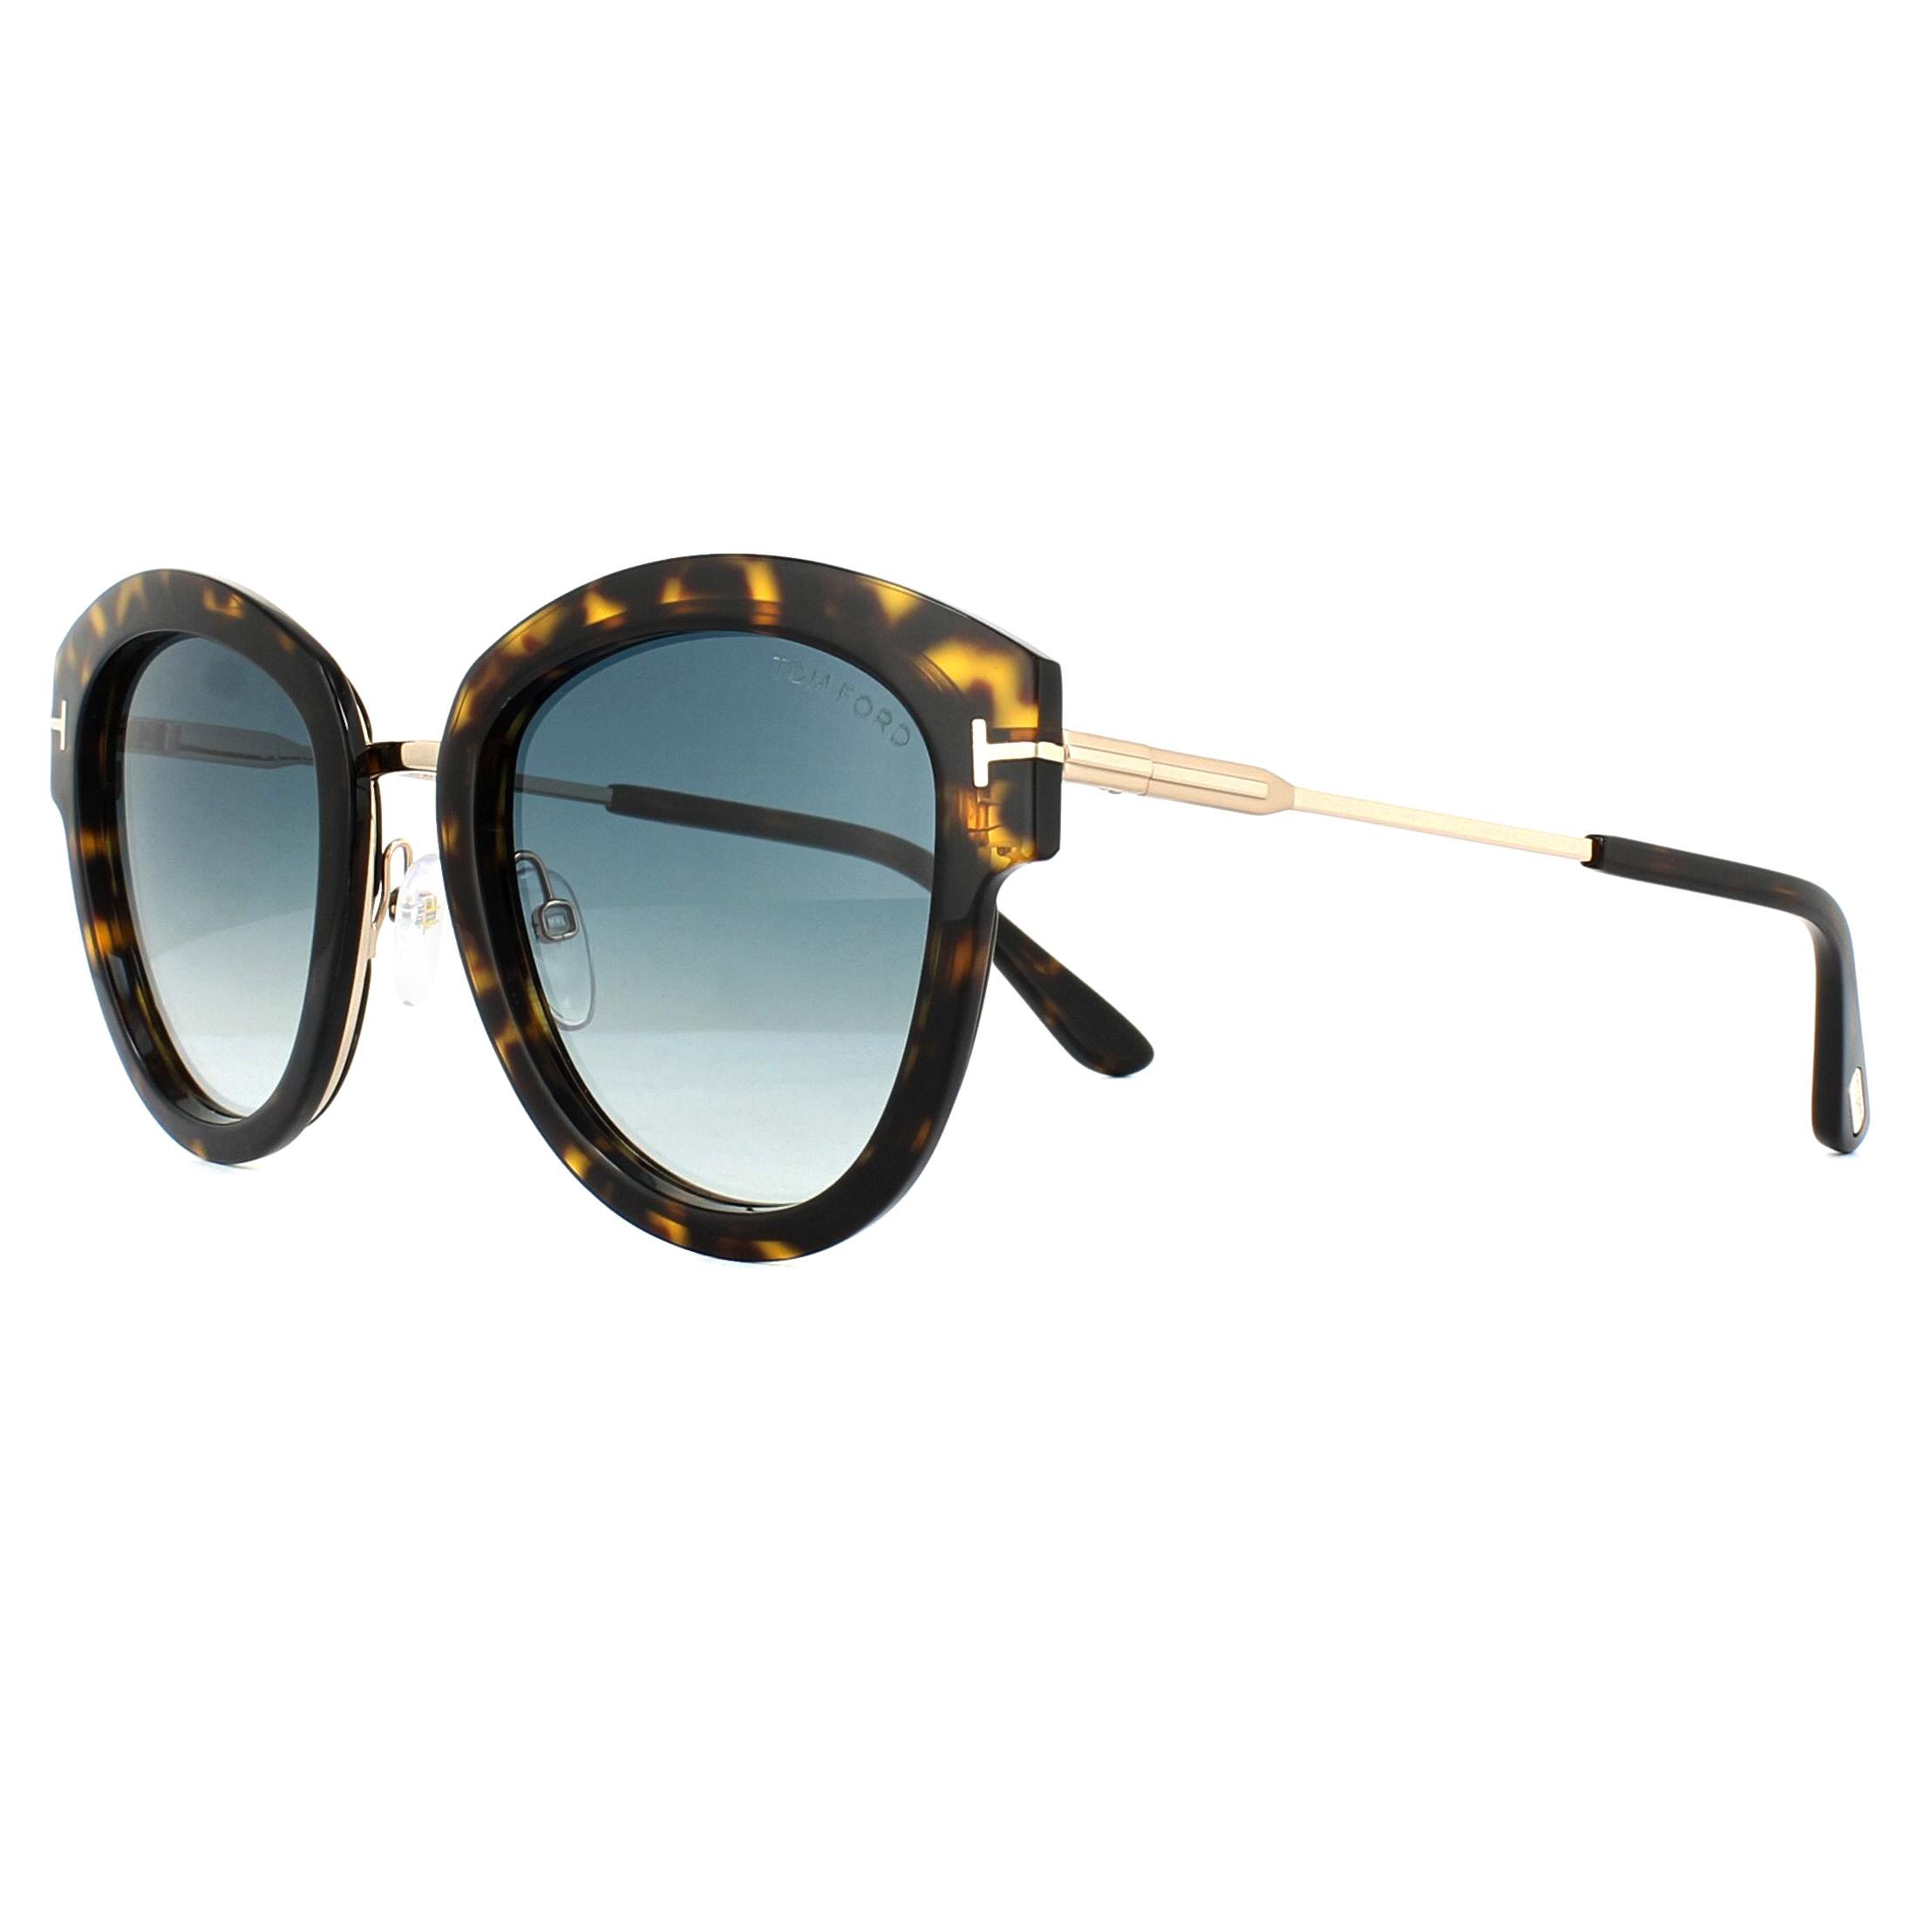 92a825f9fc Sentinel Tom Ford Sunglasses 0574 Mia 52P Dark Havana Green Gradient